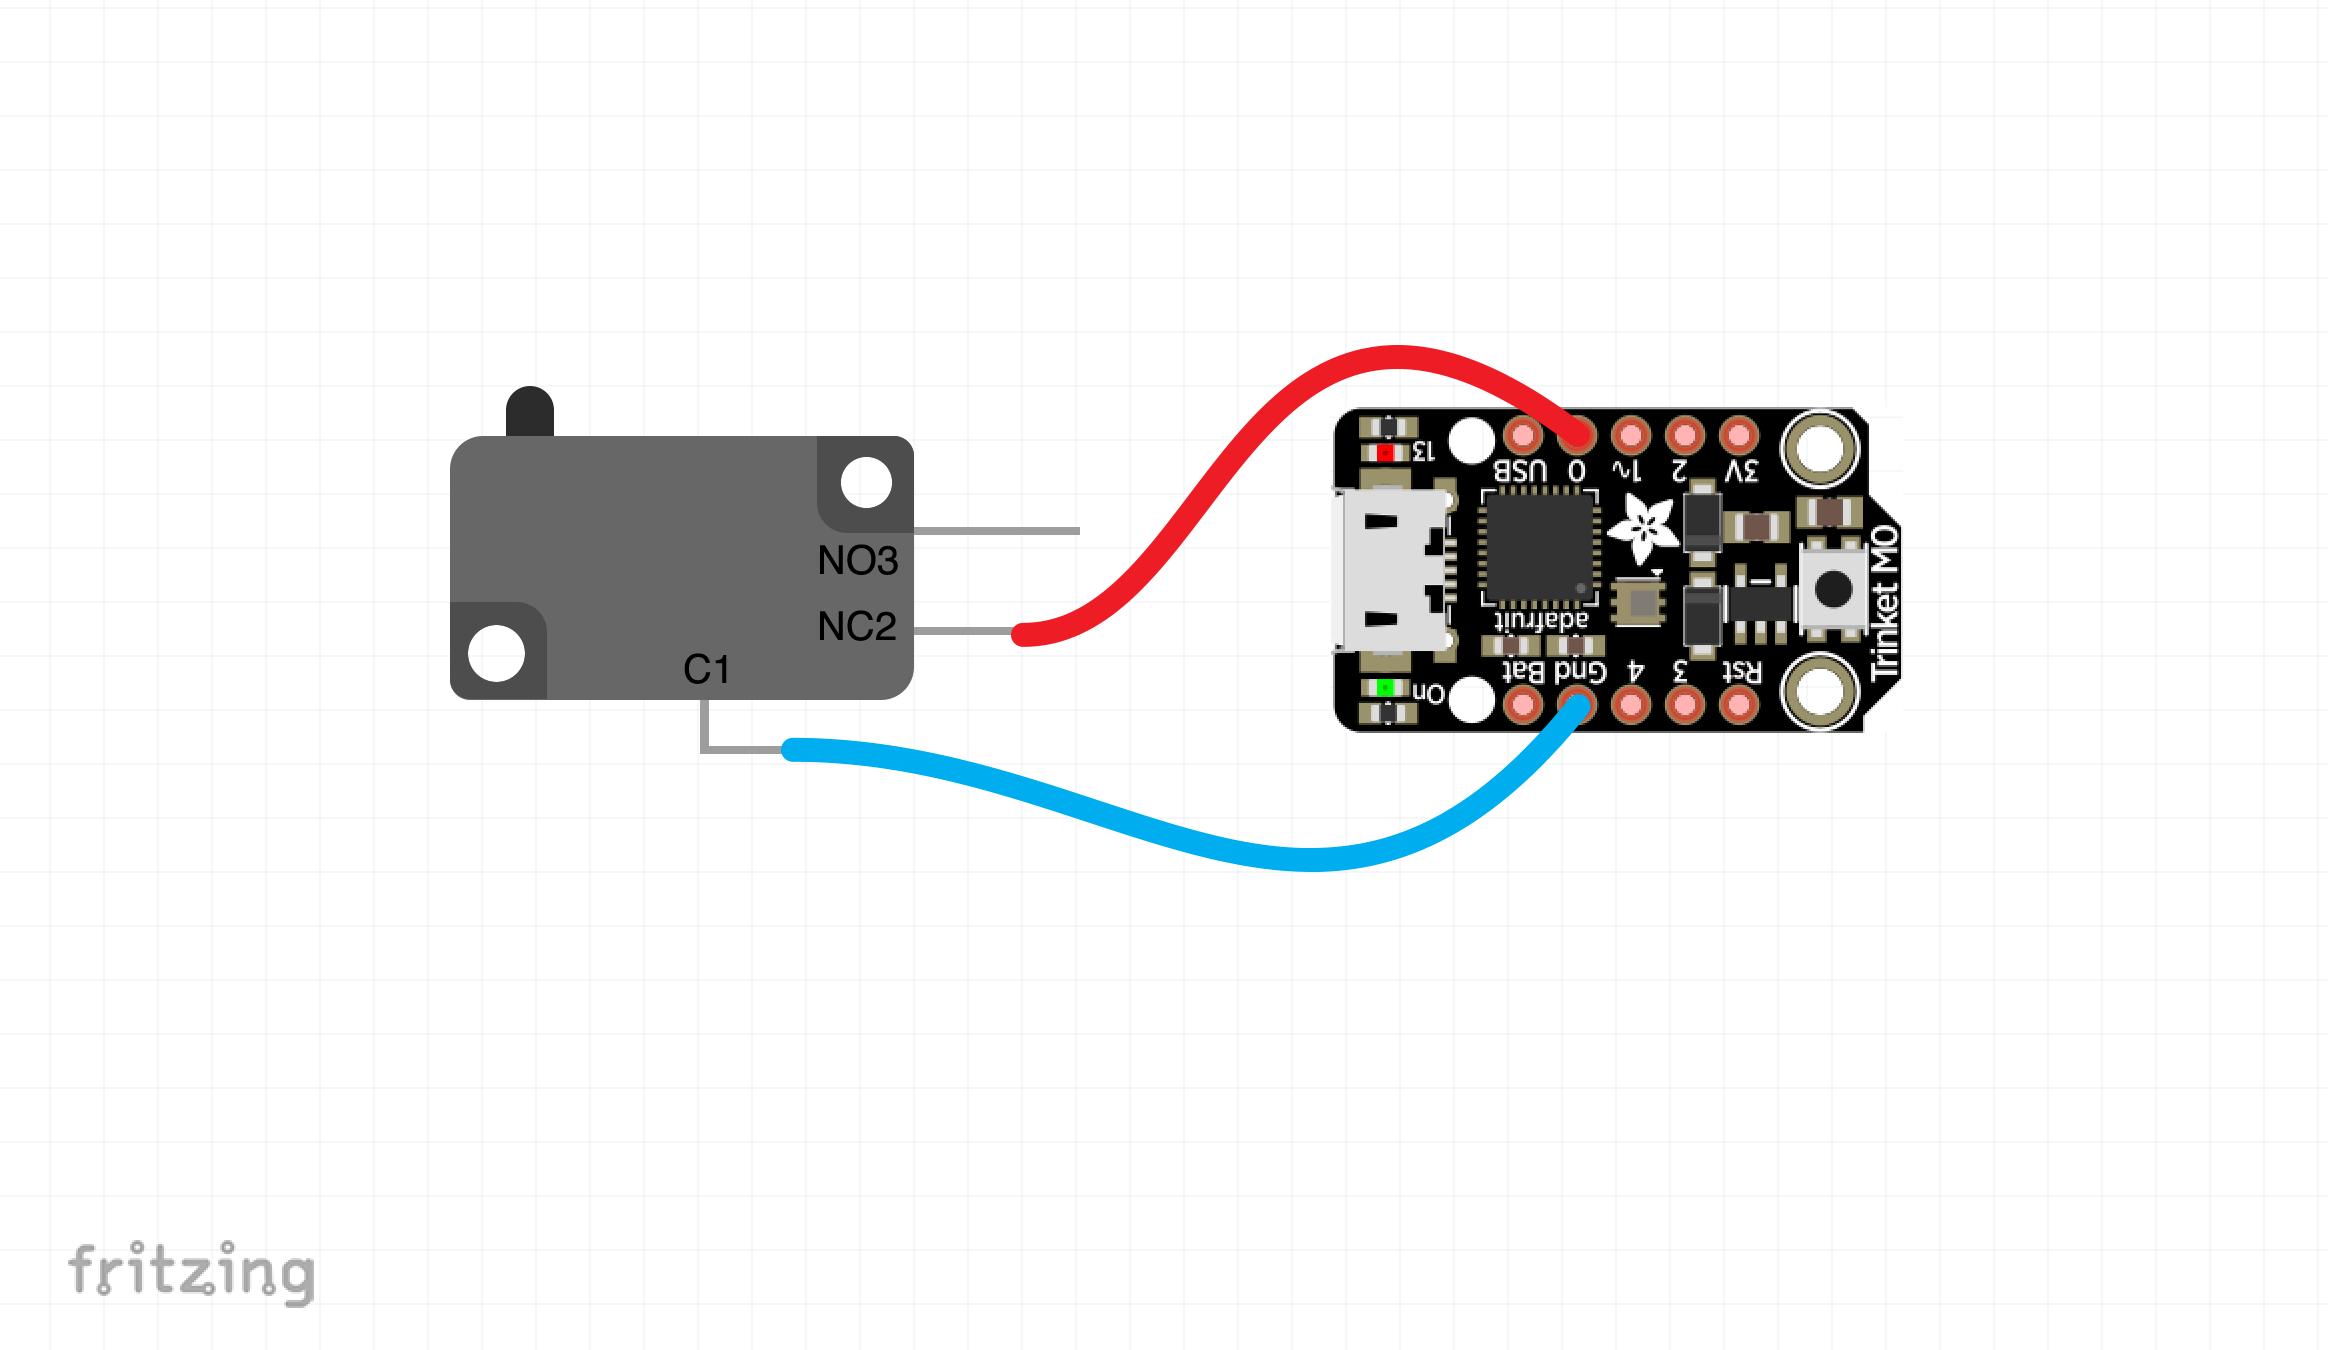 3d_printing_circuit-diagram.png